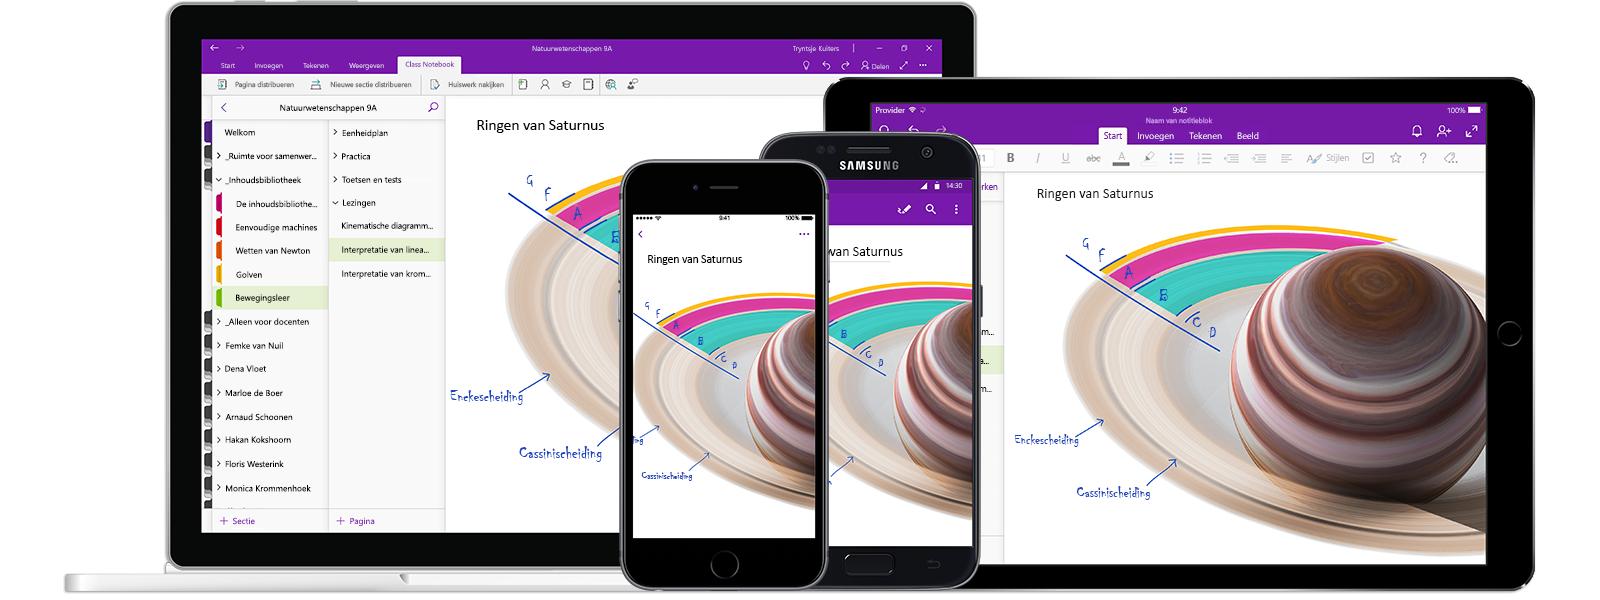 Een OneNote-notitieblok met de naam Physical Science 9A op twee smartphones en twee tablets, met een les over lineaire grafieken